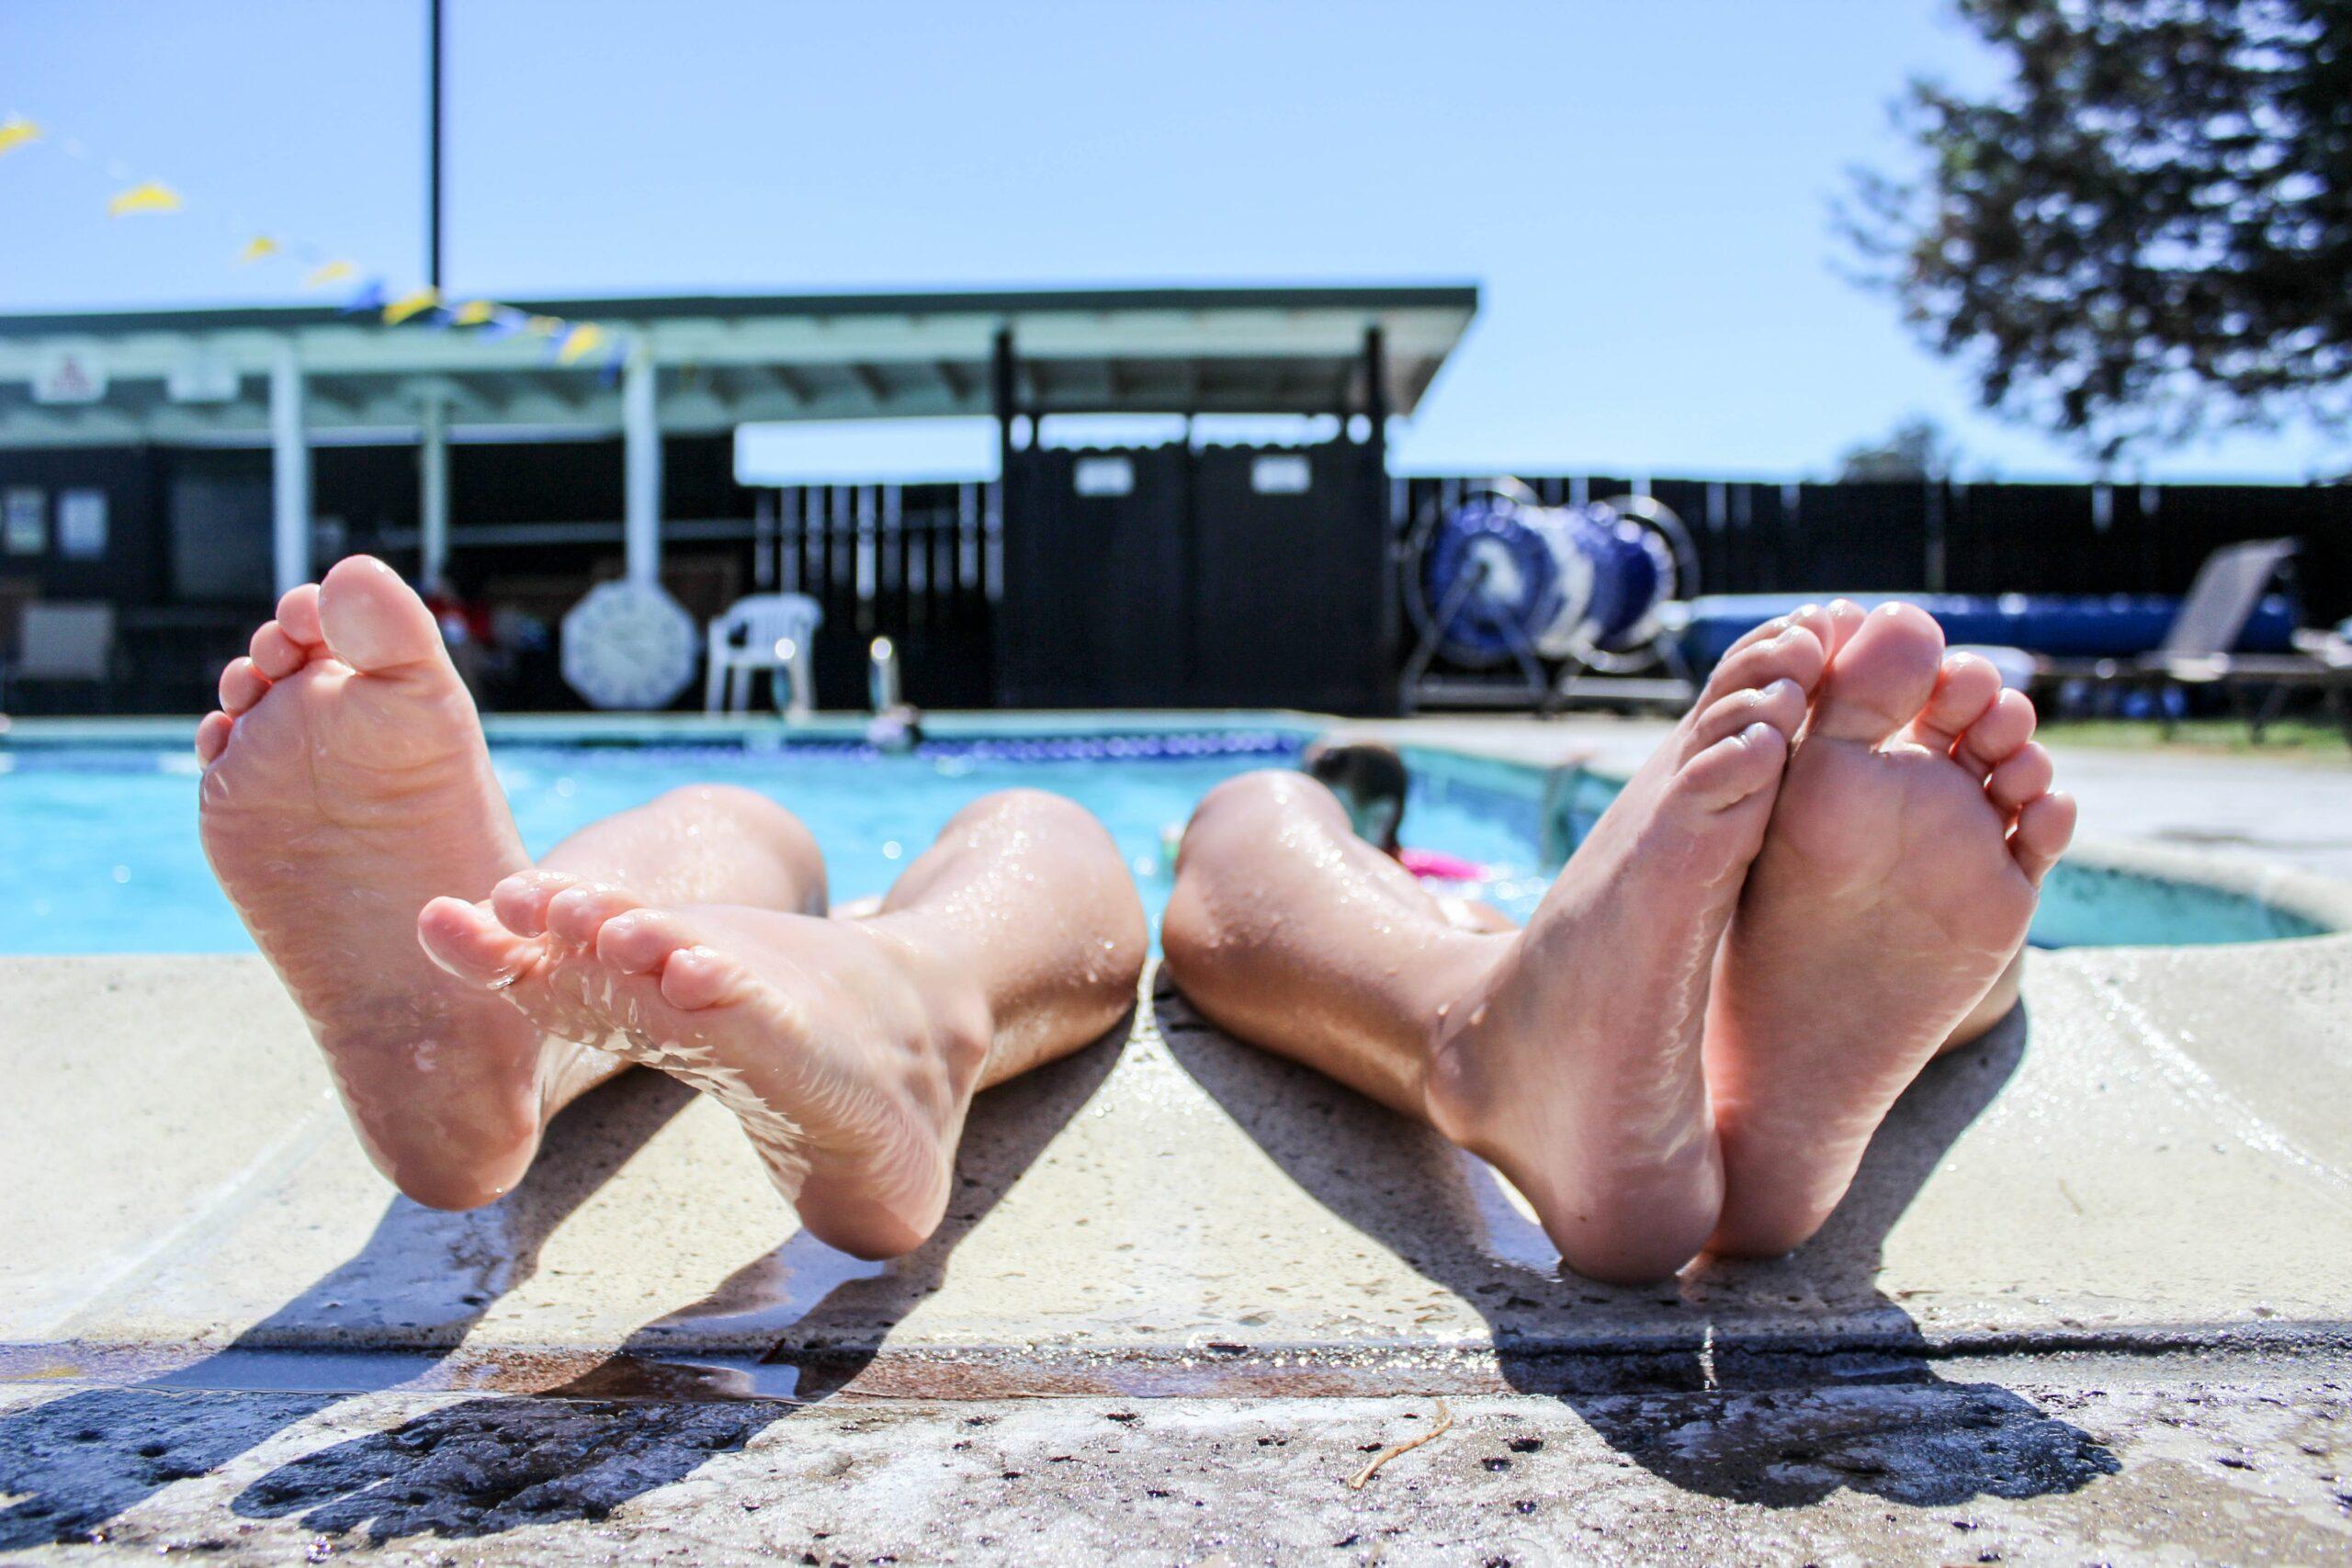 L'estiu és, informativament parlant, un període excepcional. Foto: Joe Pizzio / Unsplash